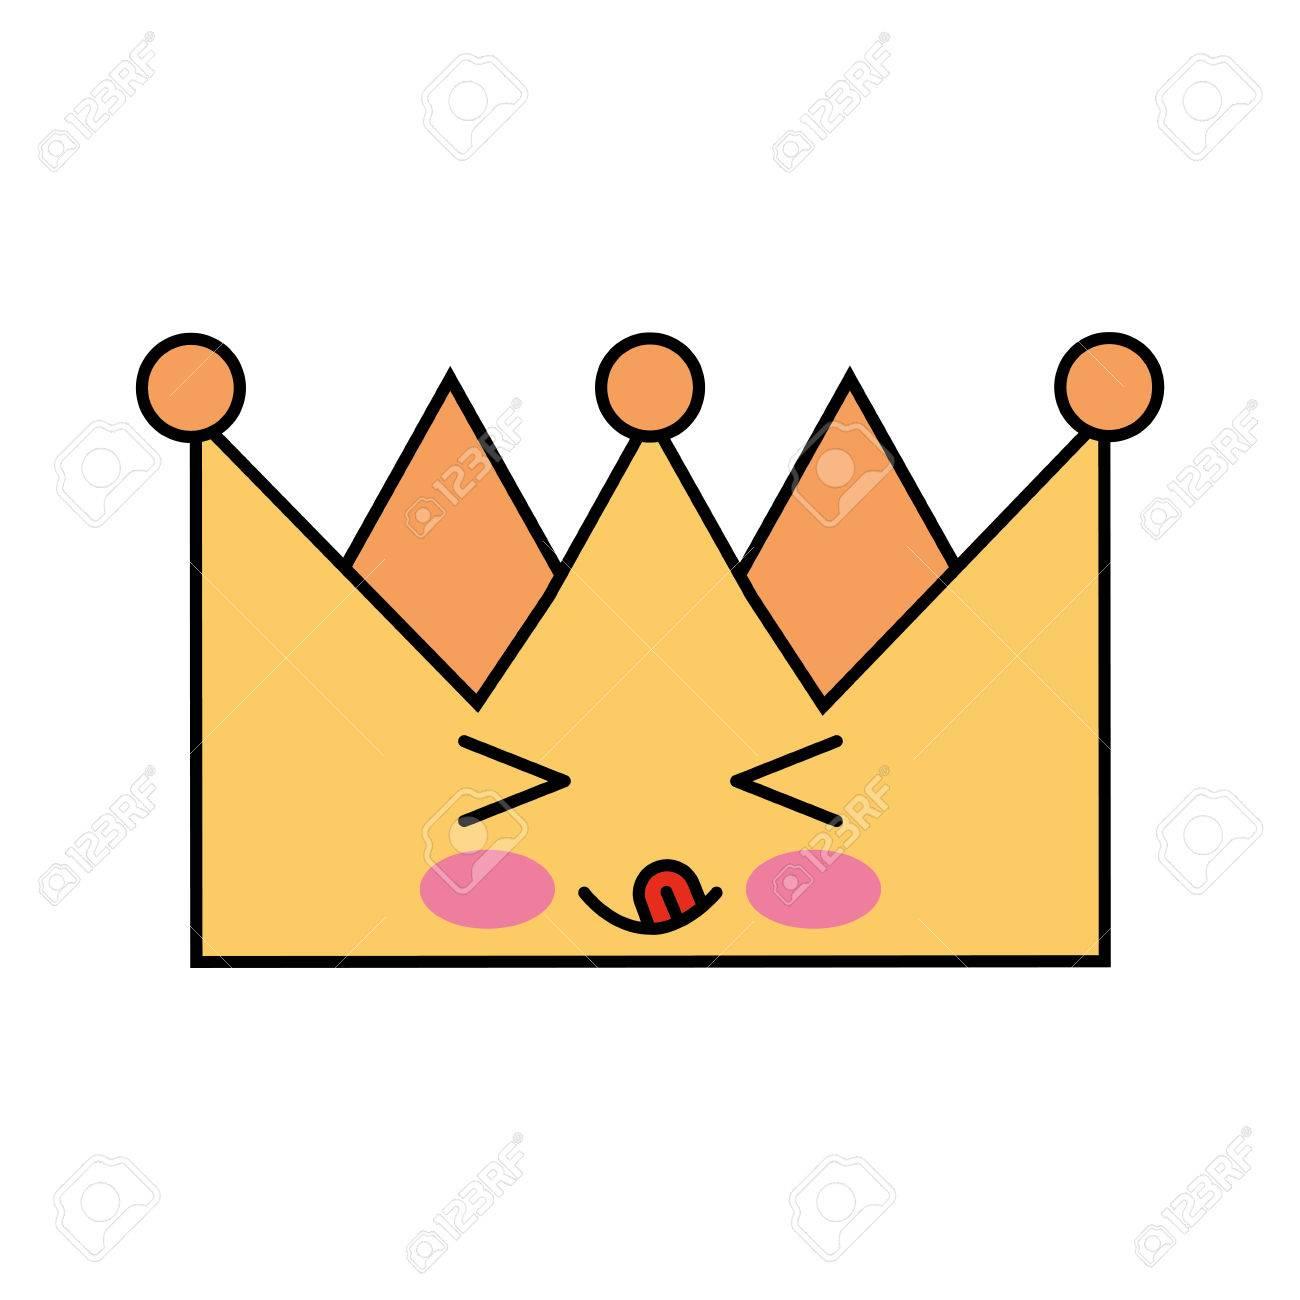 王の王冠かわいい文字ベクトル イラスト デザインのイラスト素材ベクタ